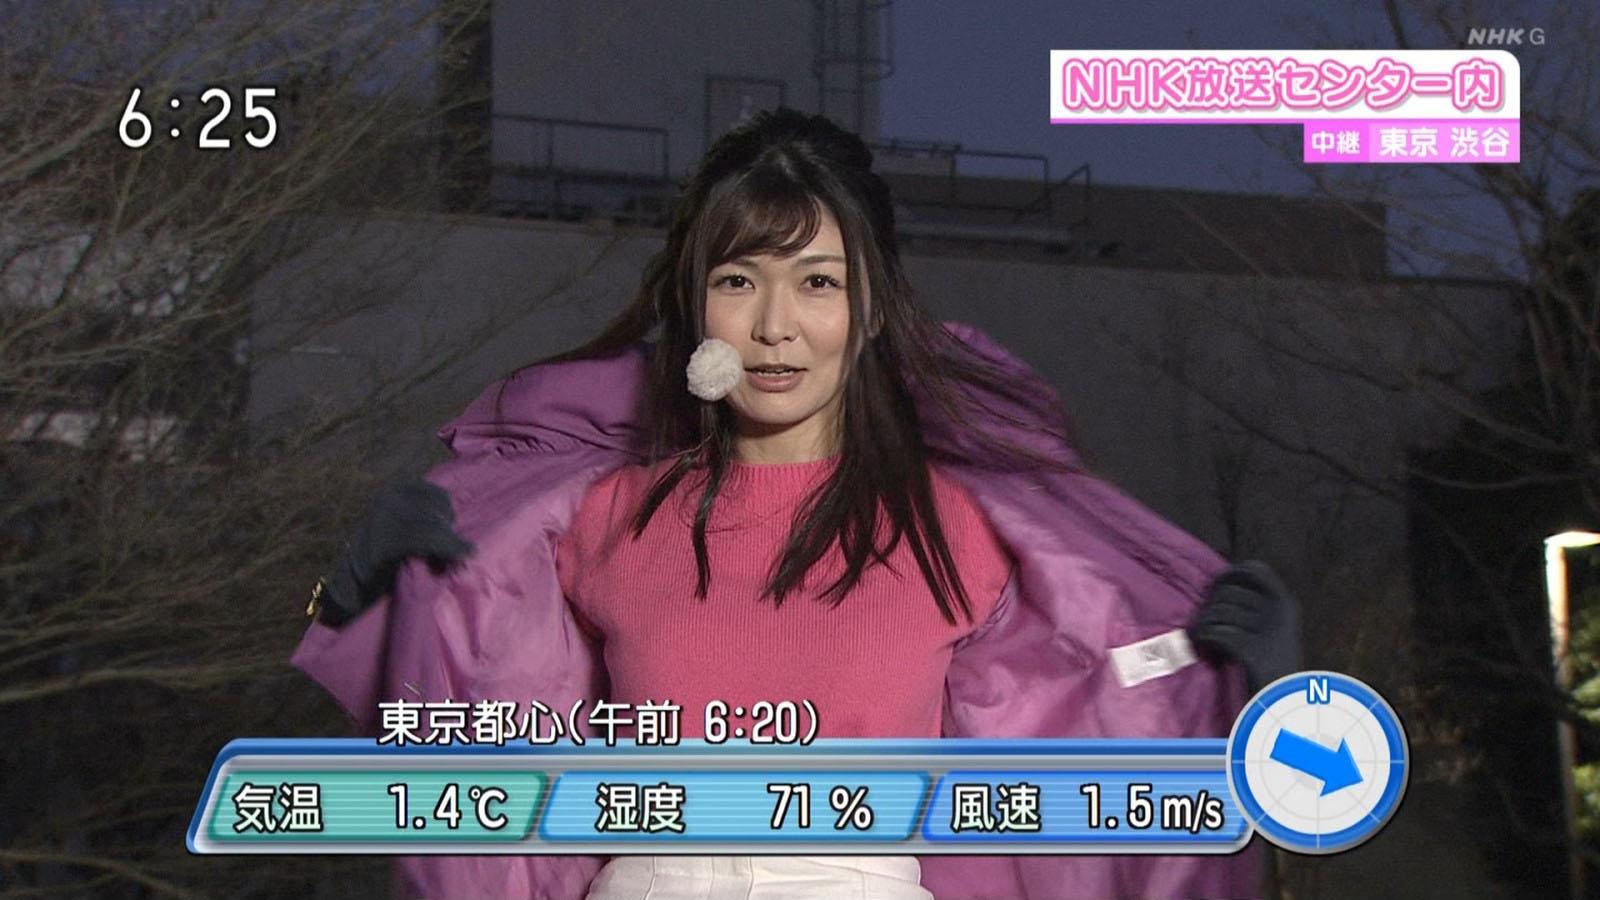 2021/01 山神明理